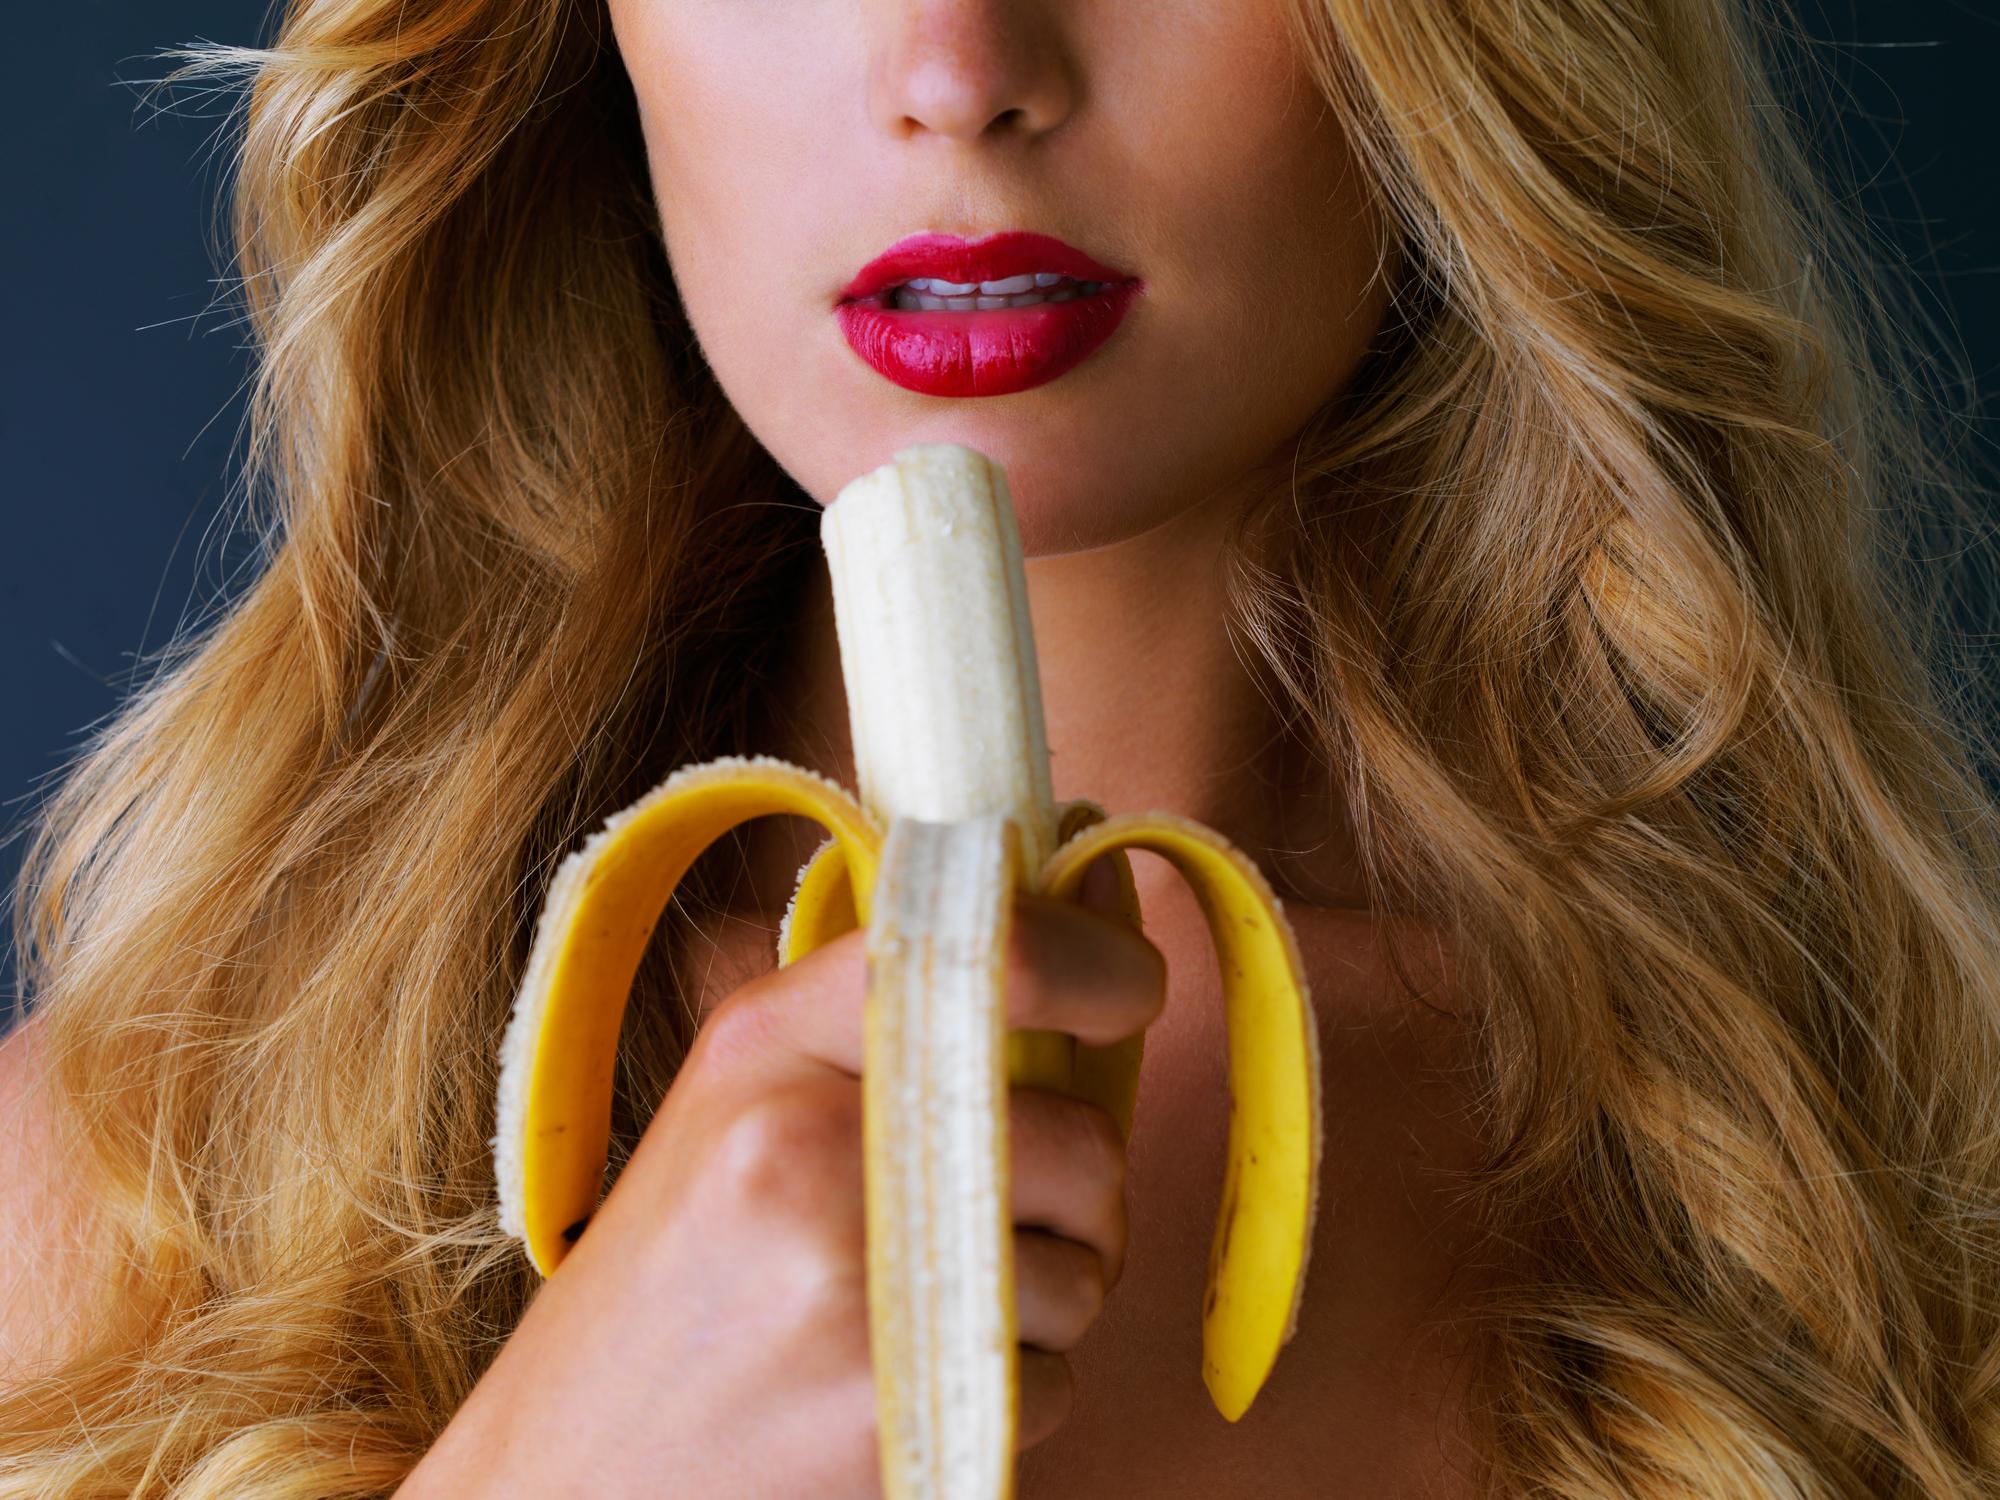 Nők útmutató az anális szexhez